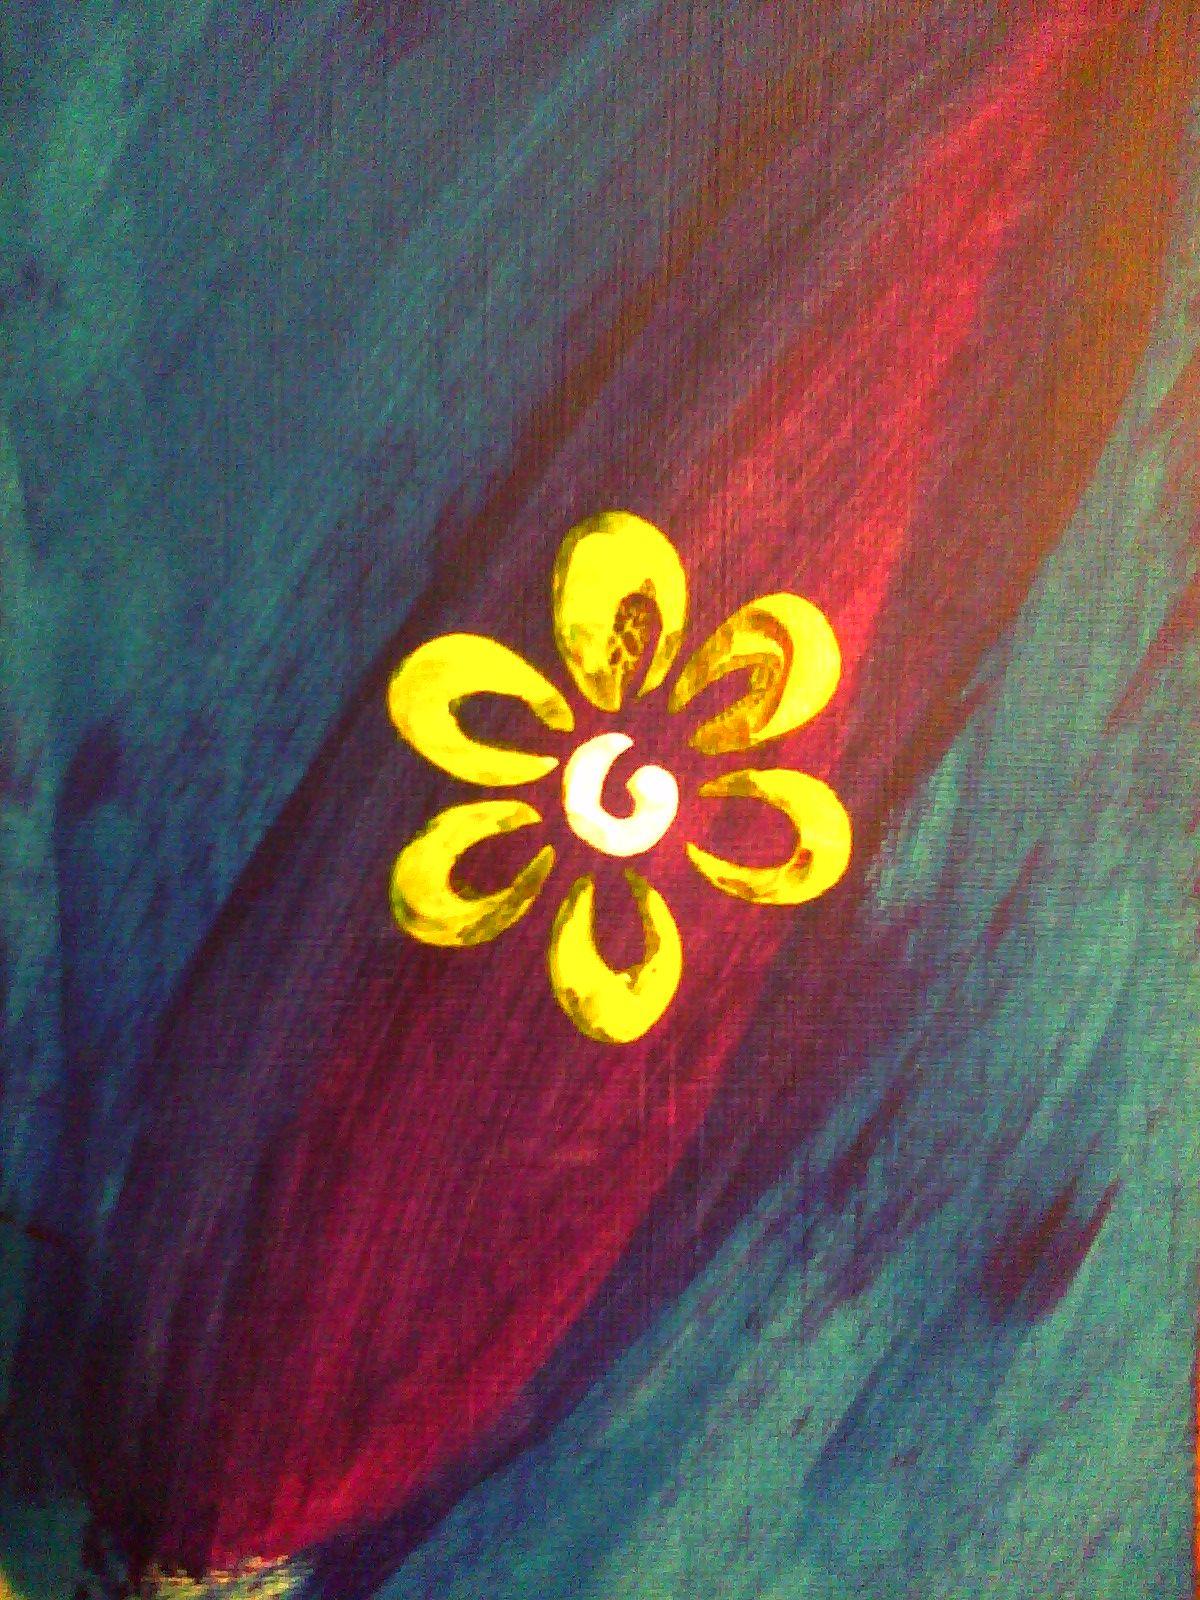 Yellow Flower Art piece